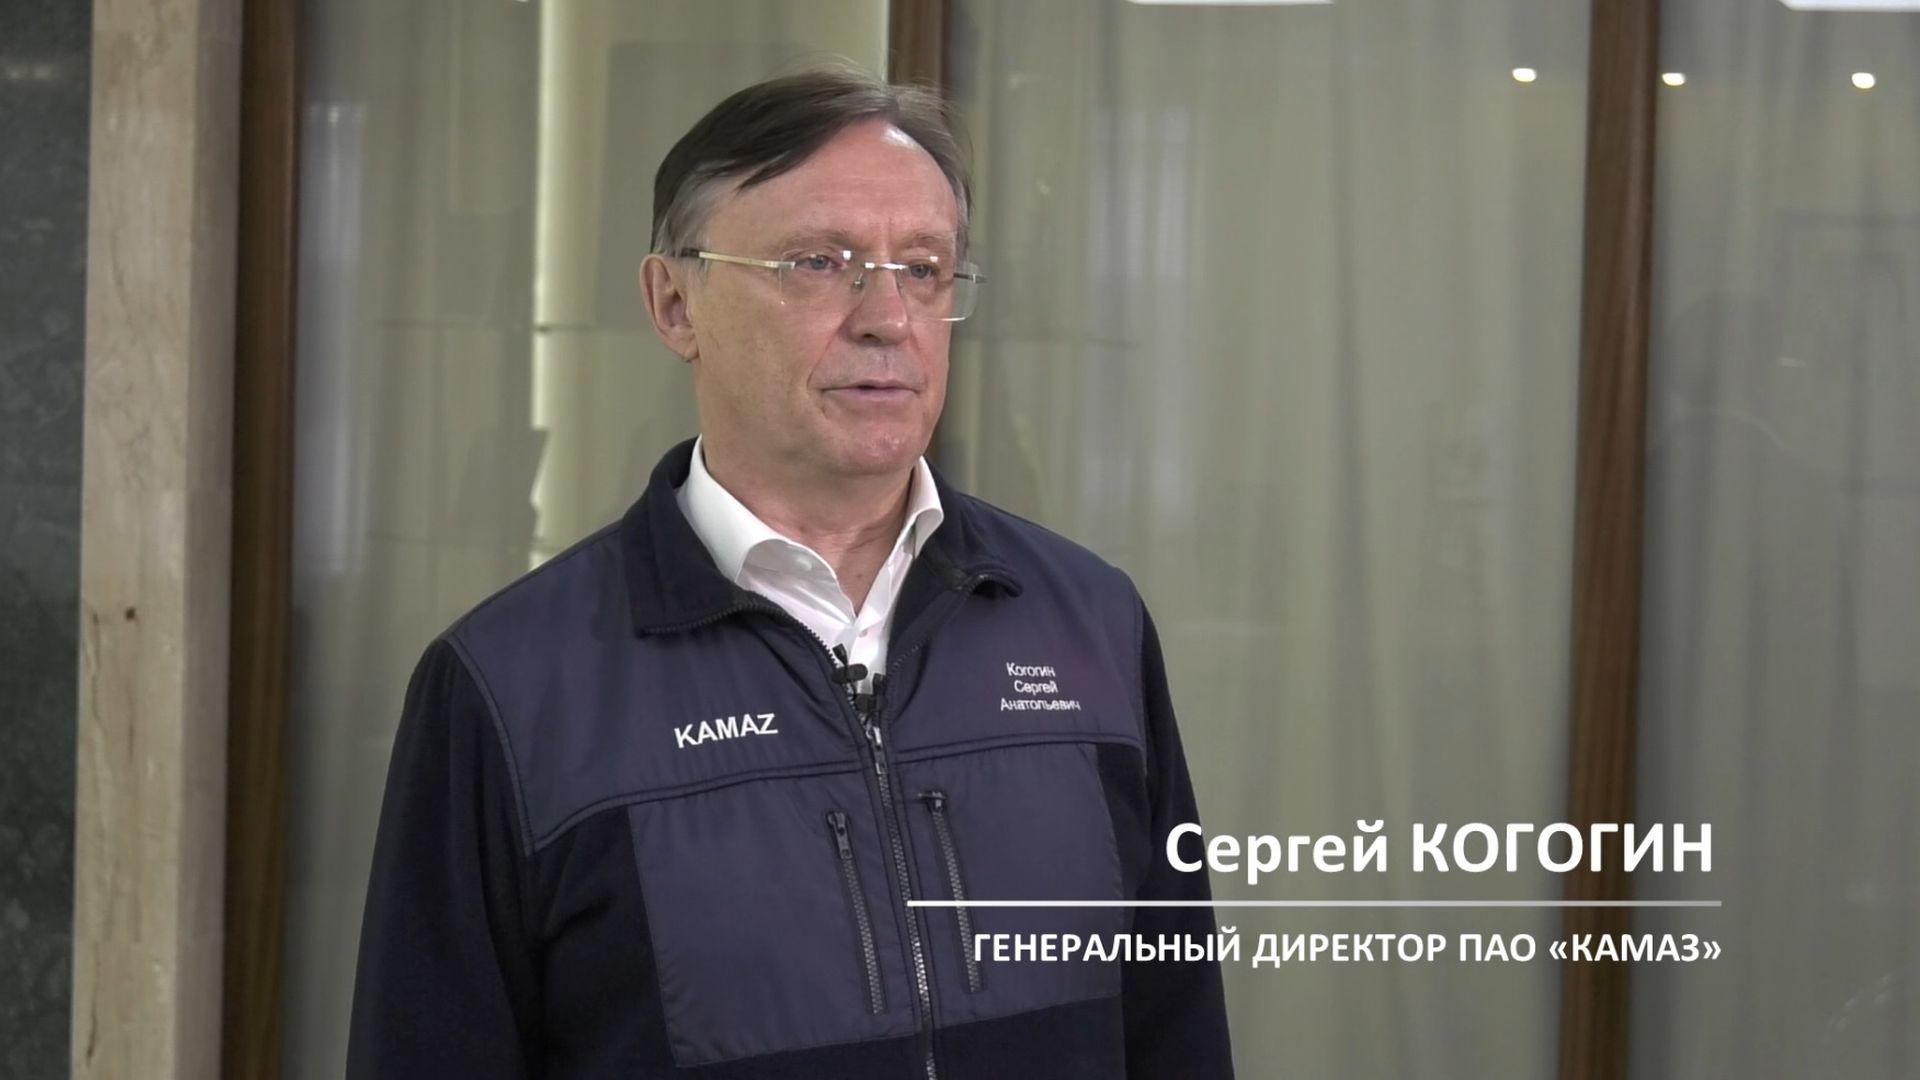 Обращение генерального директора ПАО «КАМАЗ» Сергея Когогина  к работникам компании